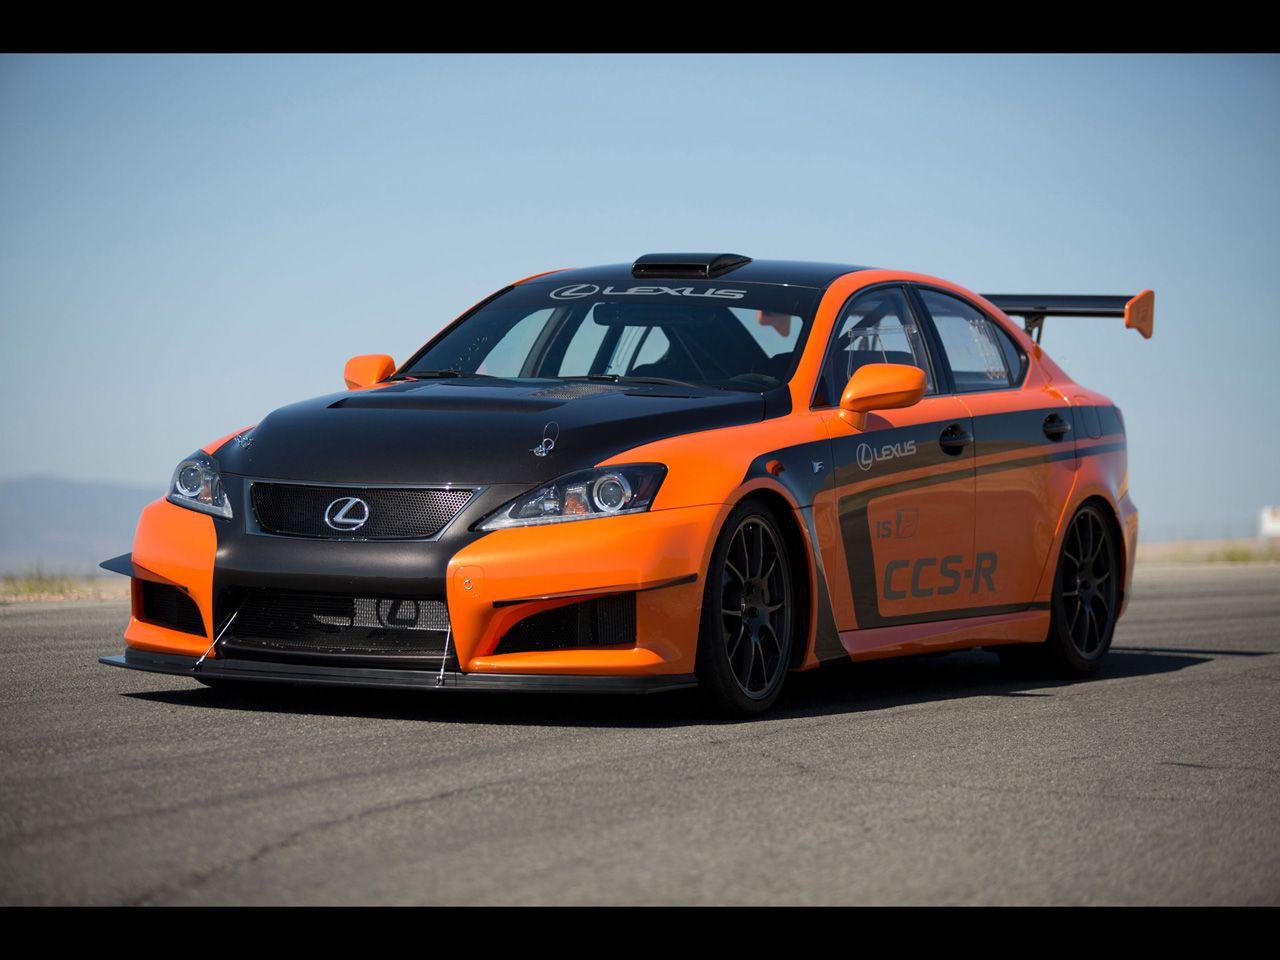 2012 Lexus Is F Ccs R Race Car Static 1 1280x960 Wallpaper Sports Cars Ferrari Lexus Isf Sports Cars Luxury